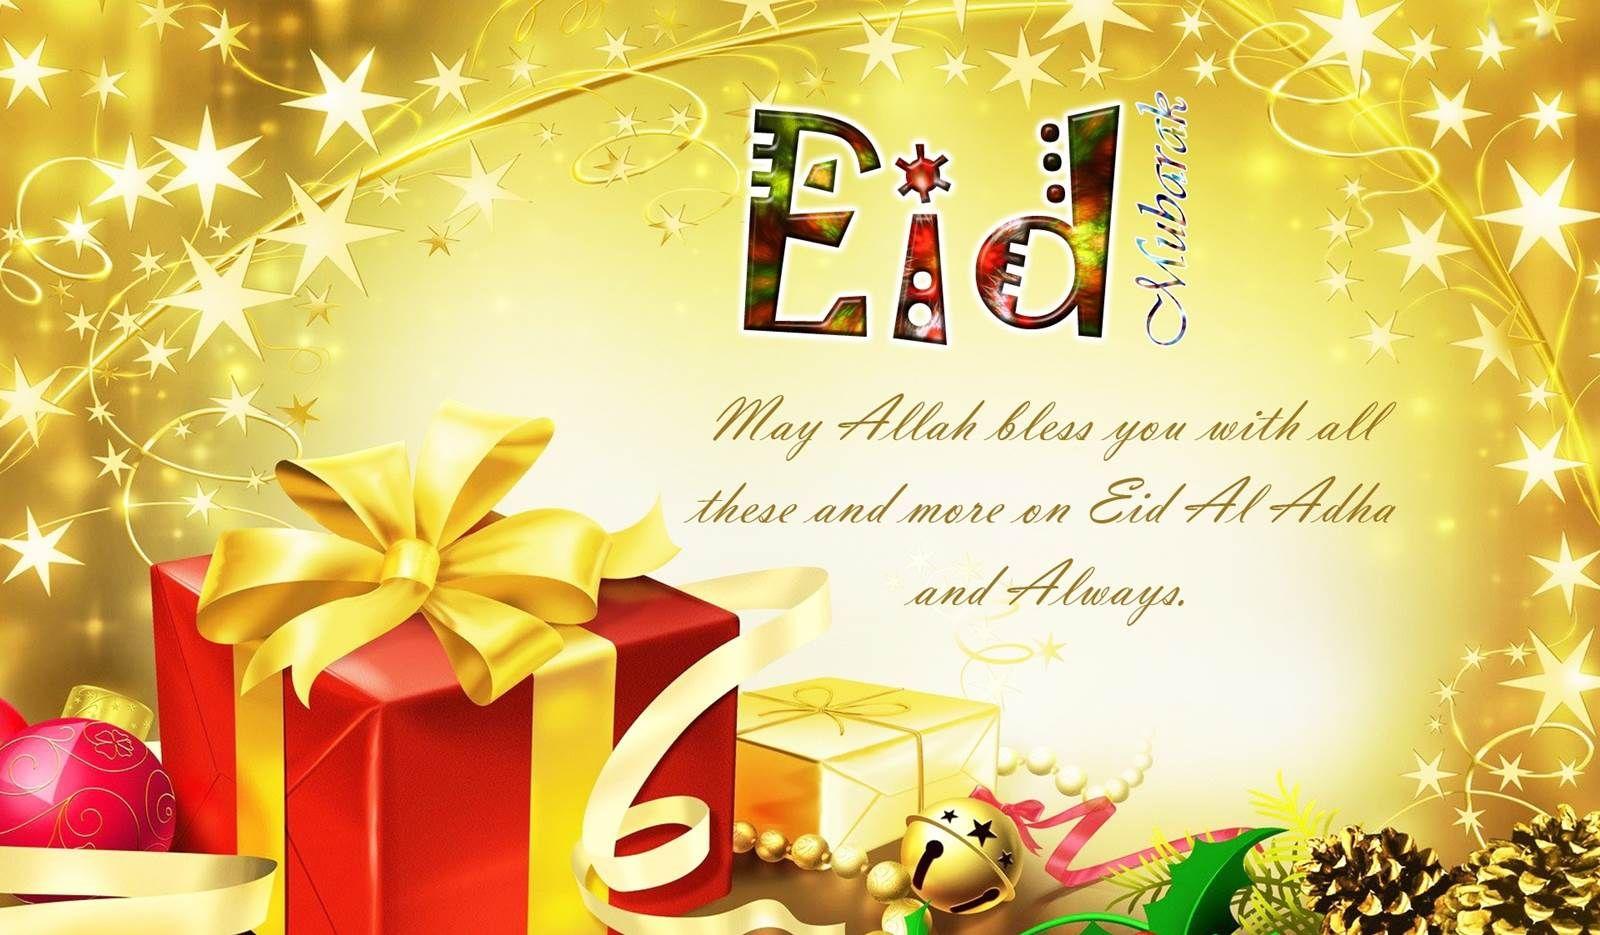 Eid al adha uae holidays 5g islam pinterest eid and islam eid al adha uae holidays 5g m4hsunfo